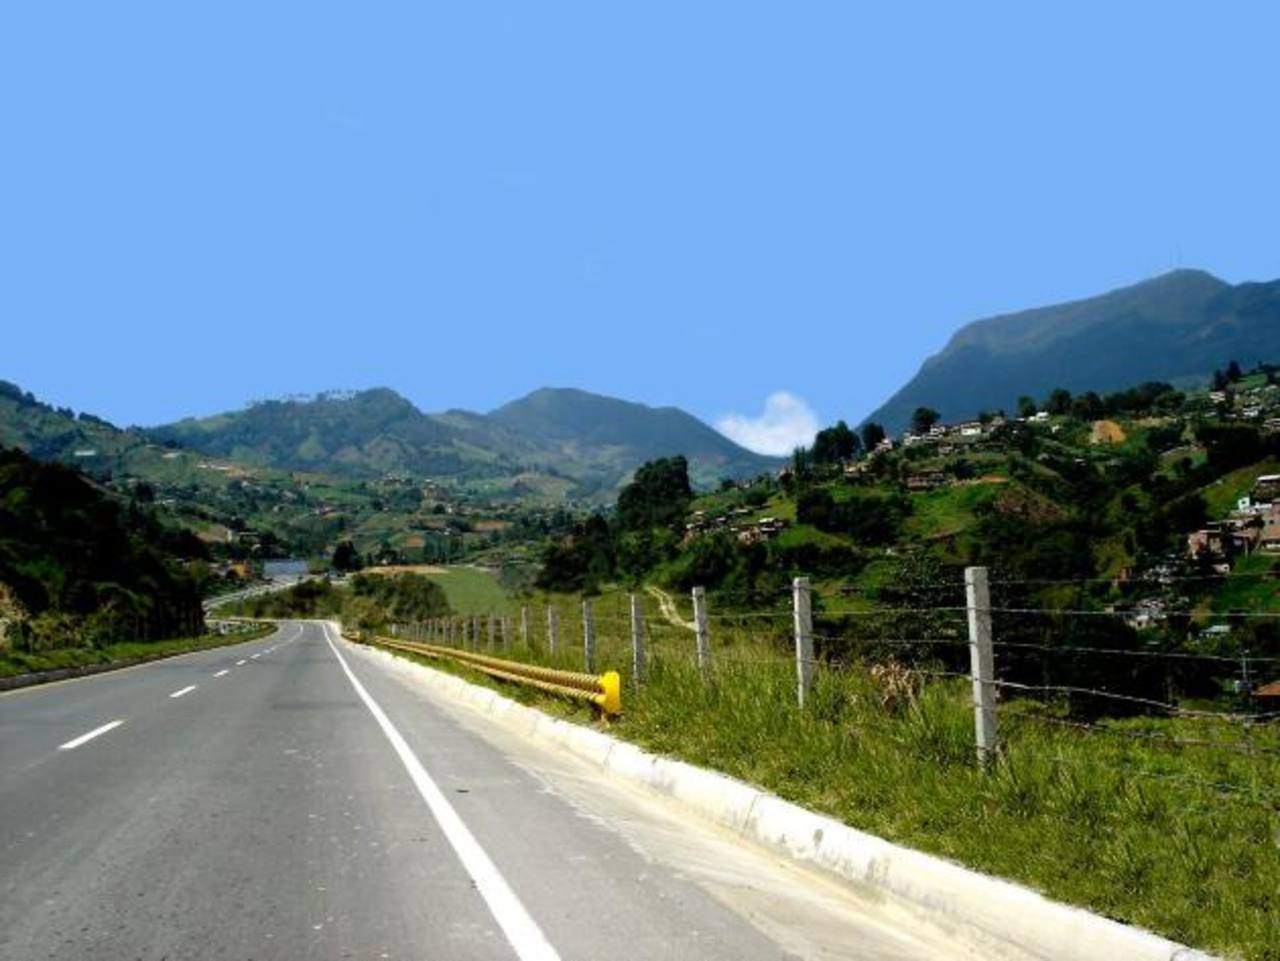 La carretera hacia el Atlántico se ampliará 27.4 km.